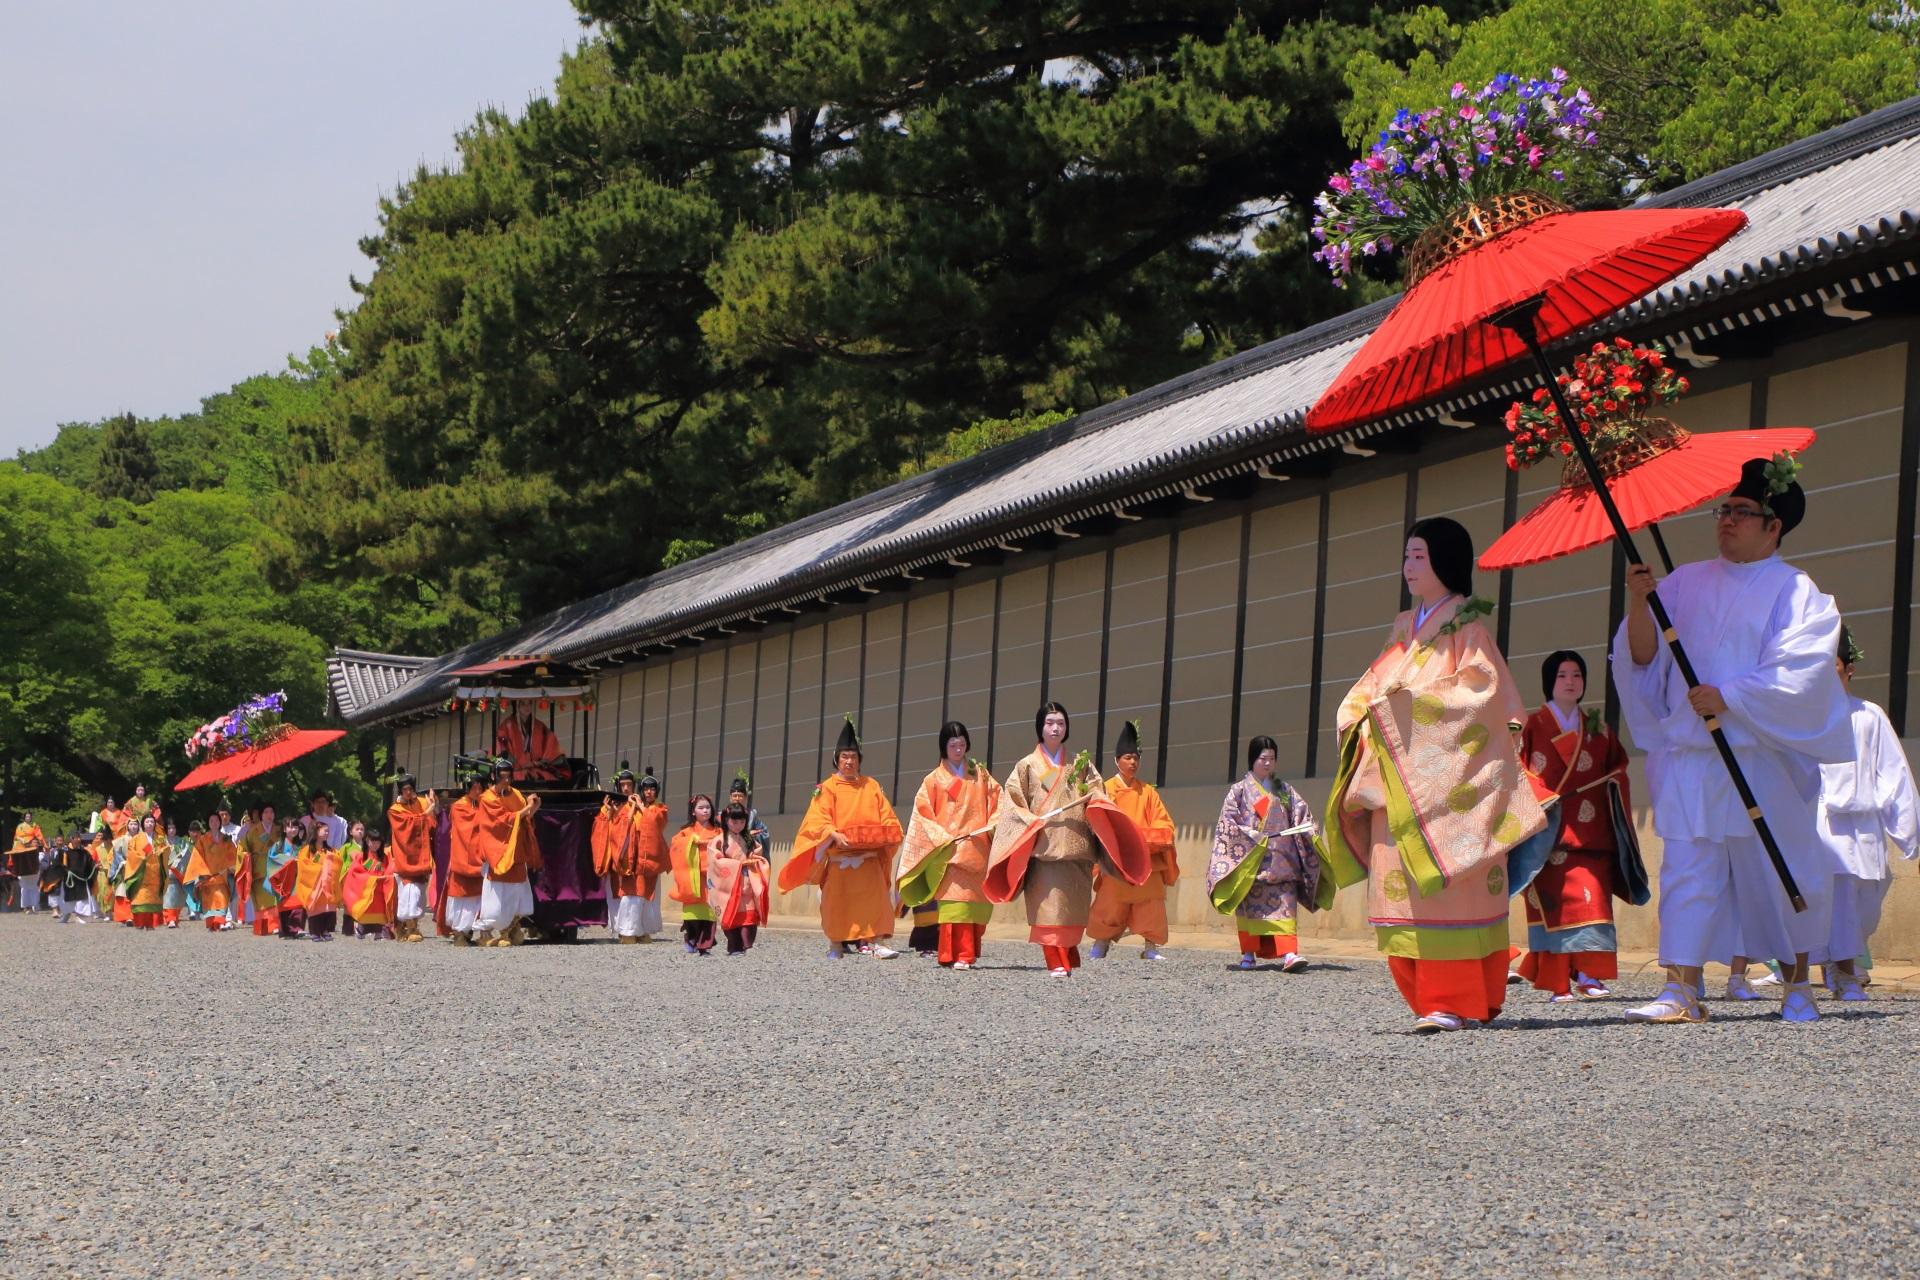 葵祭の華やかな行列